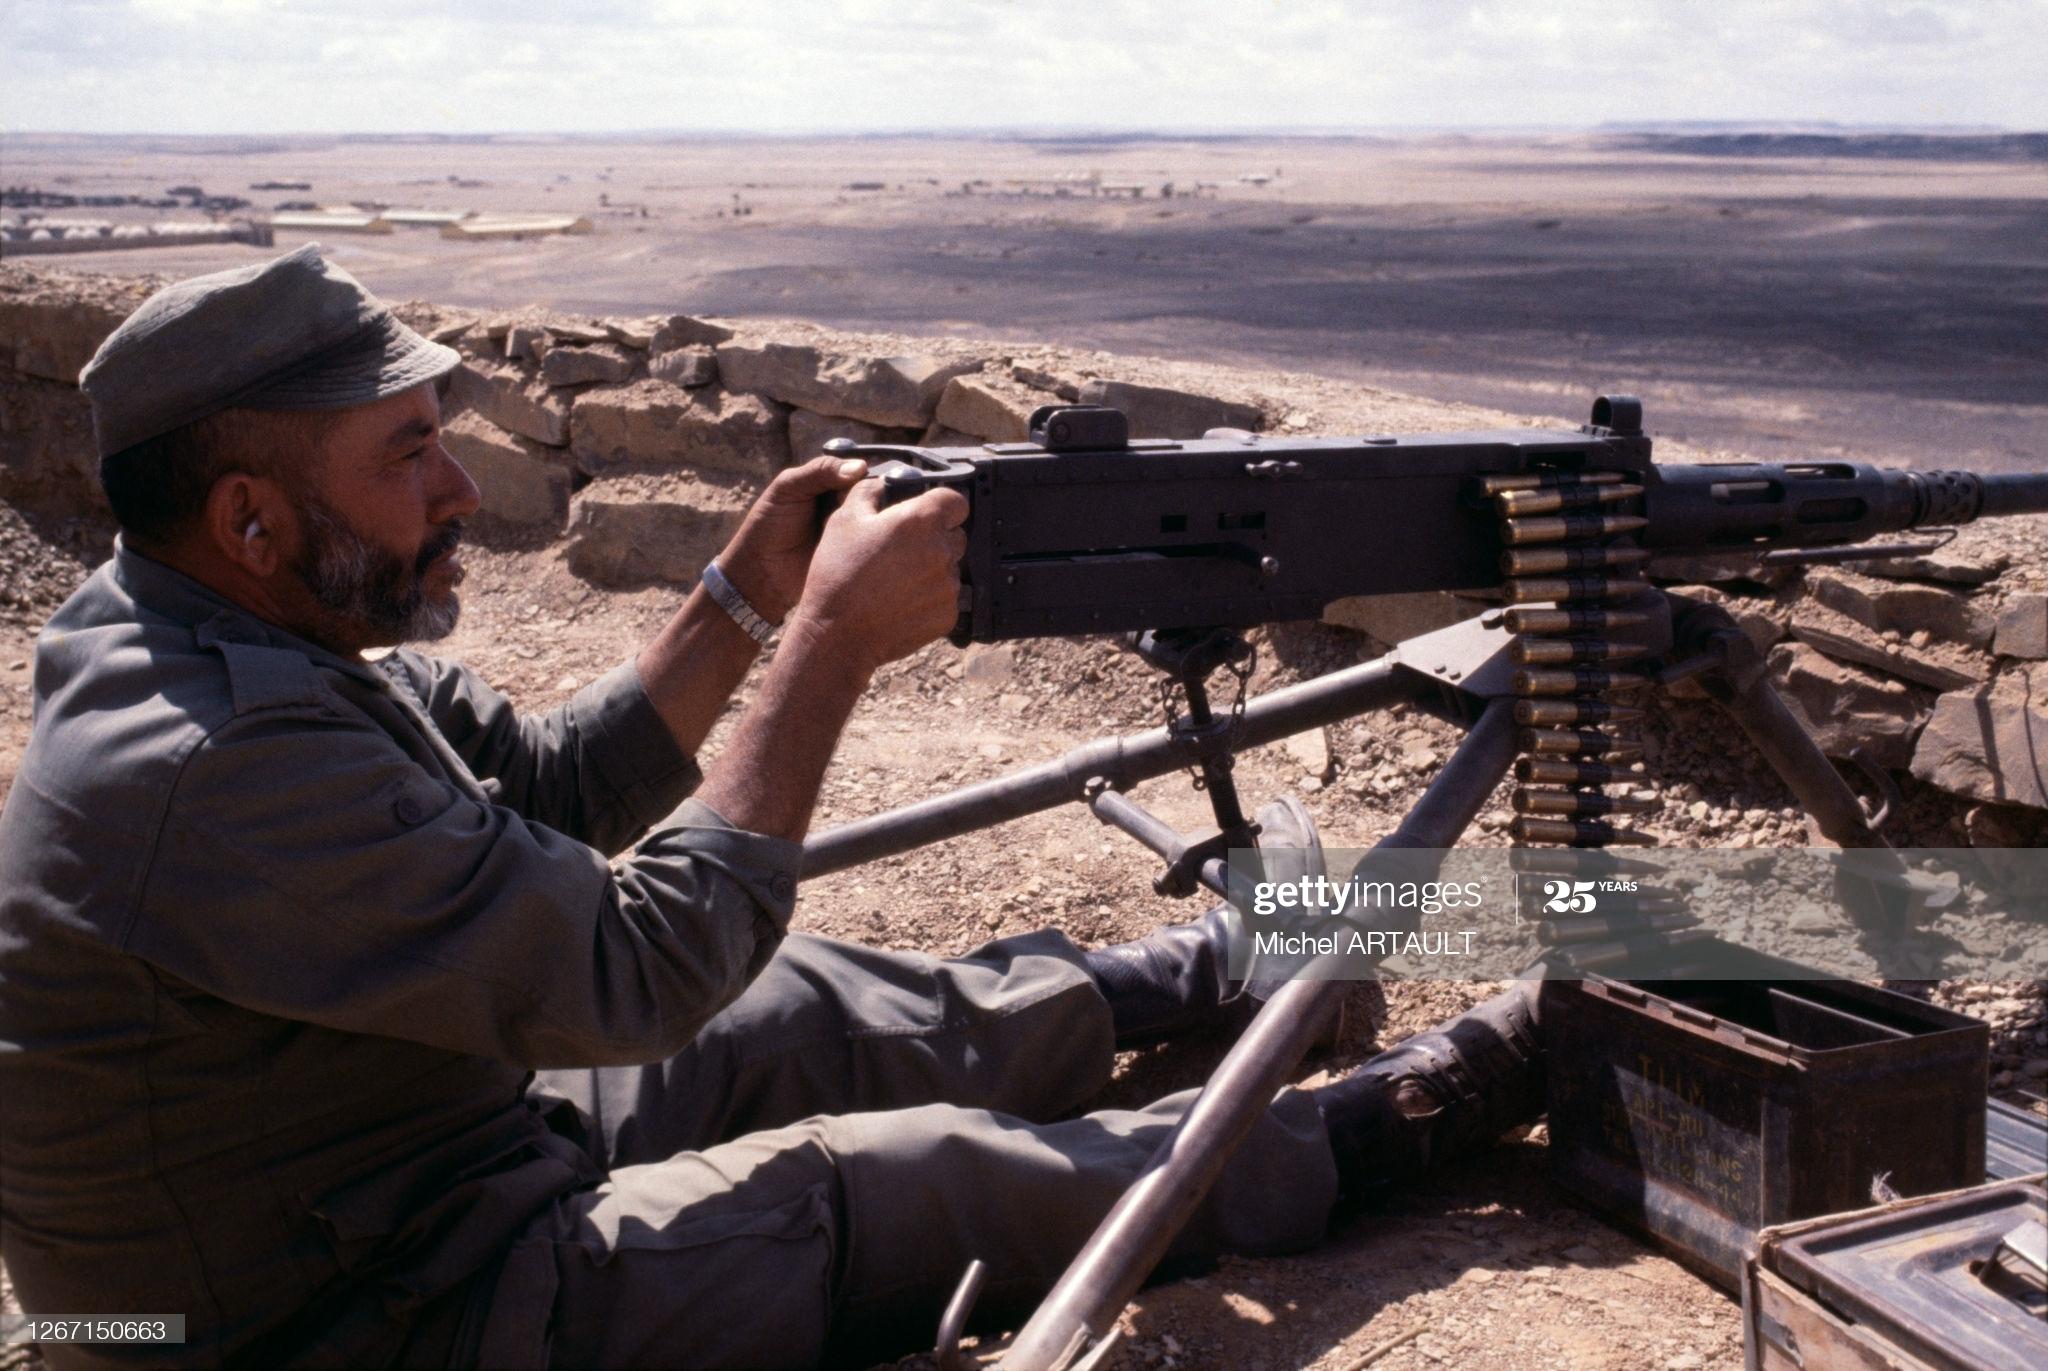 Le conflit armé du sahara marocain - Page 13 50317181531_79c2c800ea_o_d